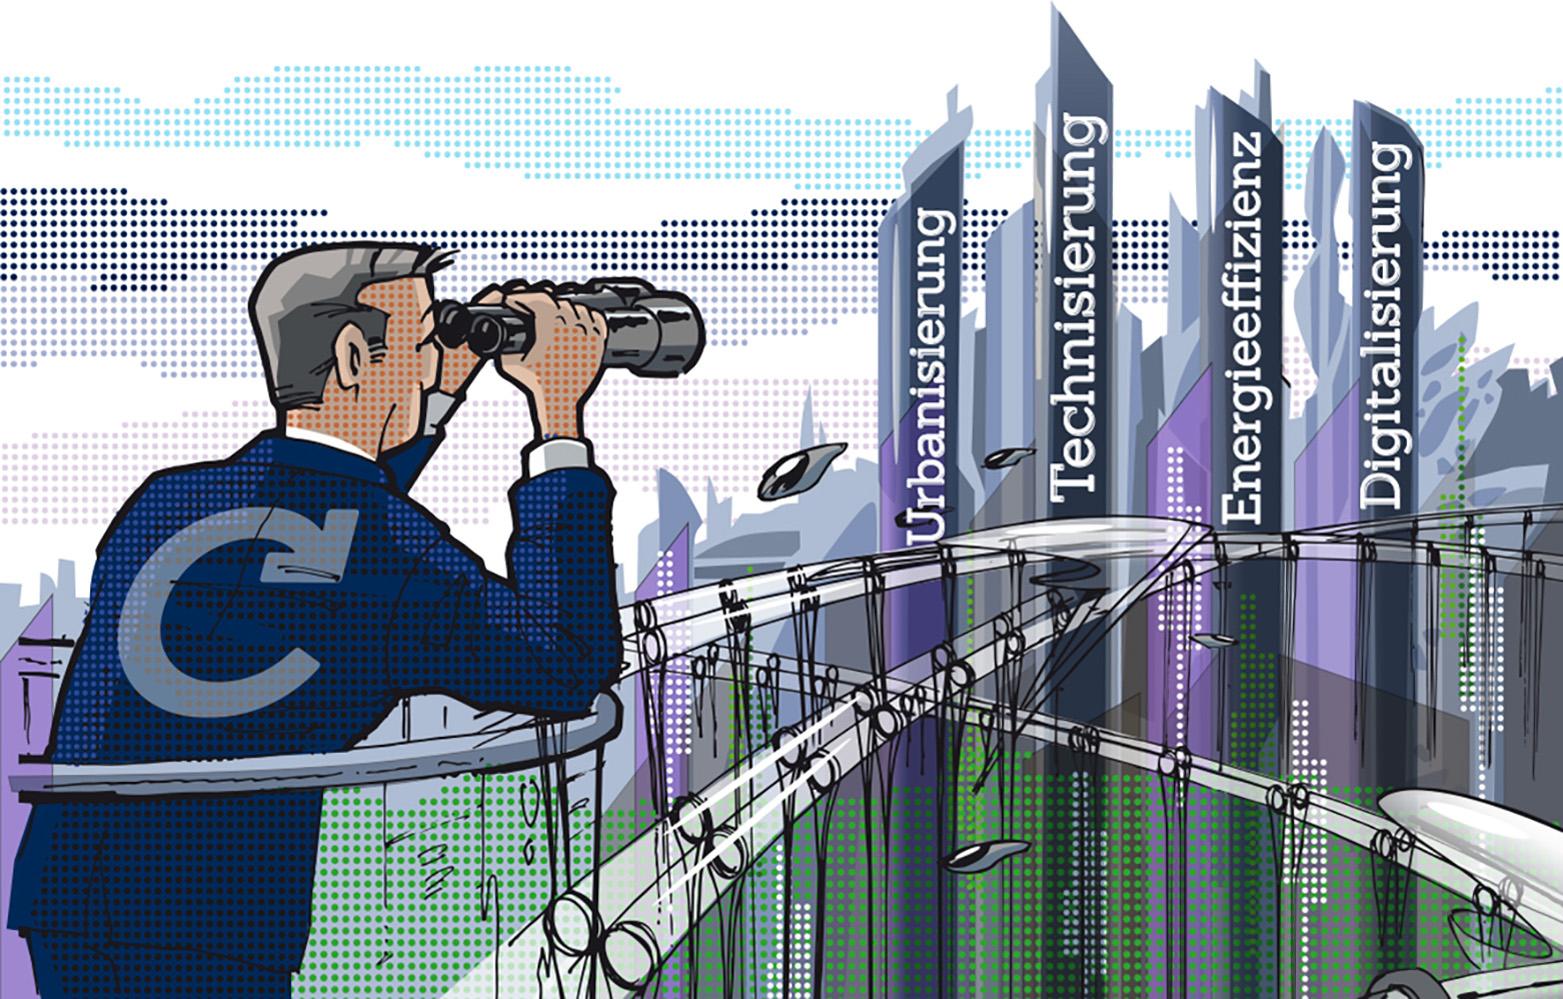 Zukunftsthemen auf der Expo Real © Caverion GmbH